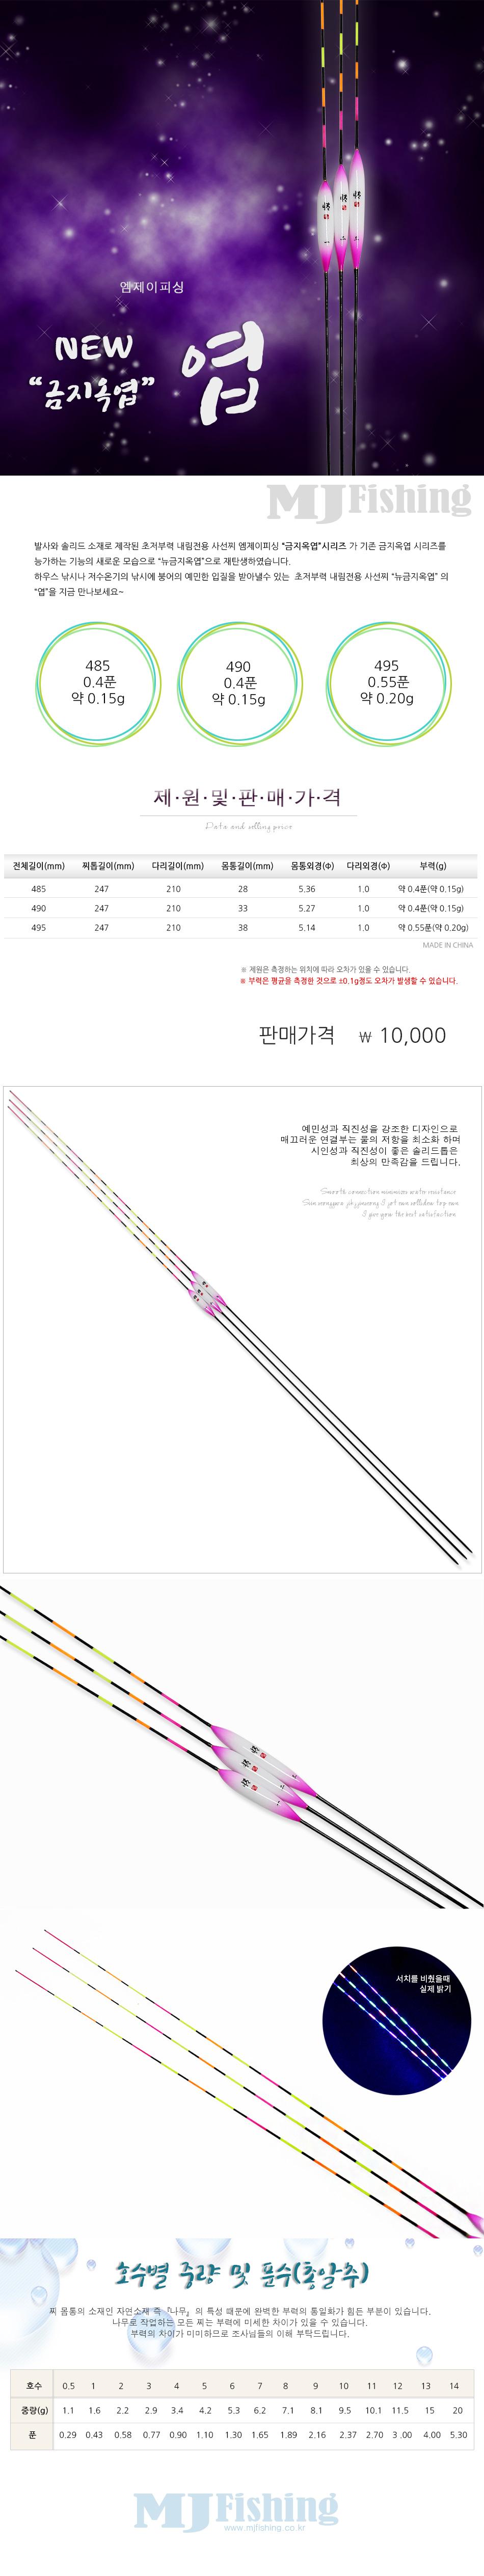 MJ피싱 사선찌 NEW [엽] 금지옥엽 붕어찌